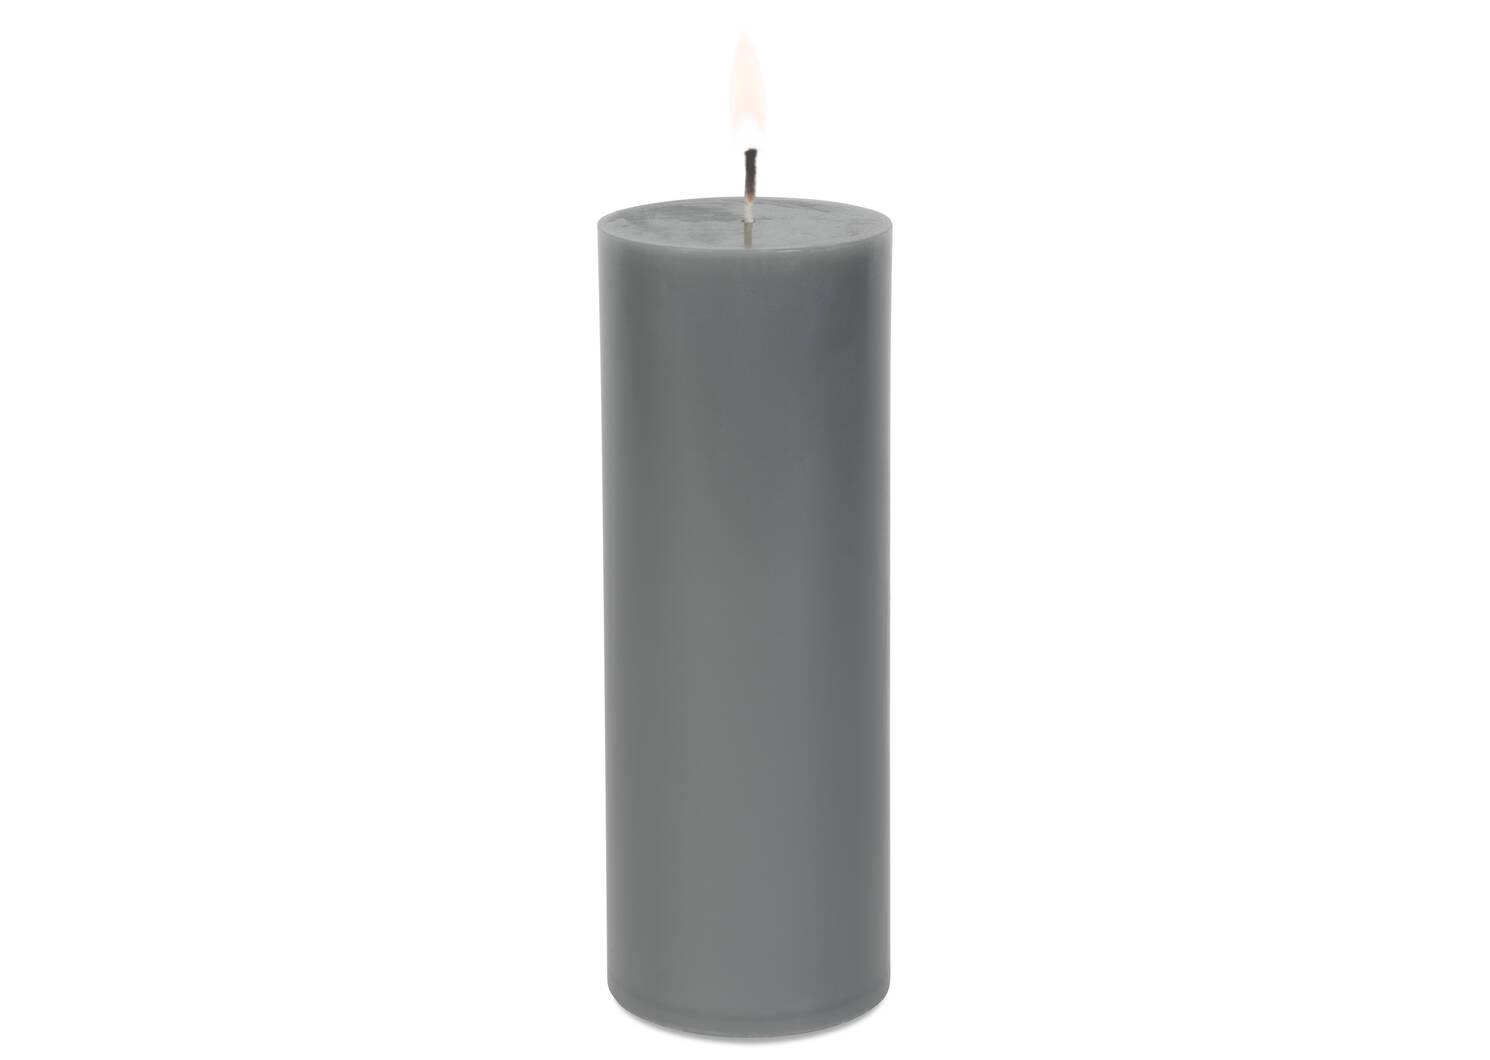 Bougie non-parfumée Cassa 3x8 grise